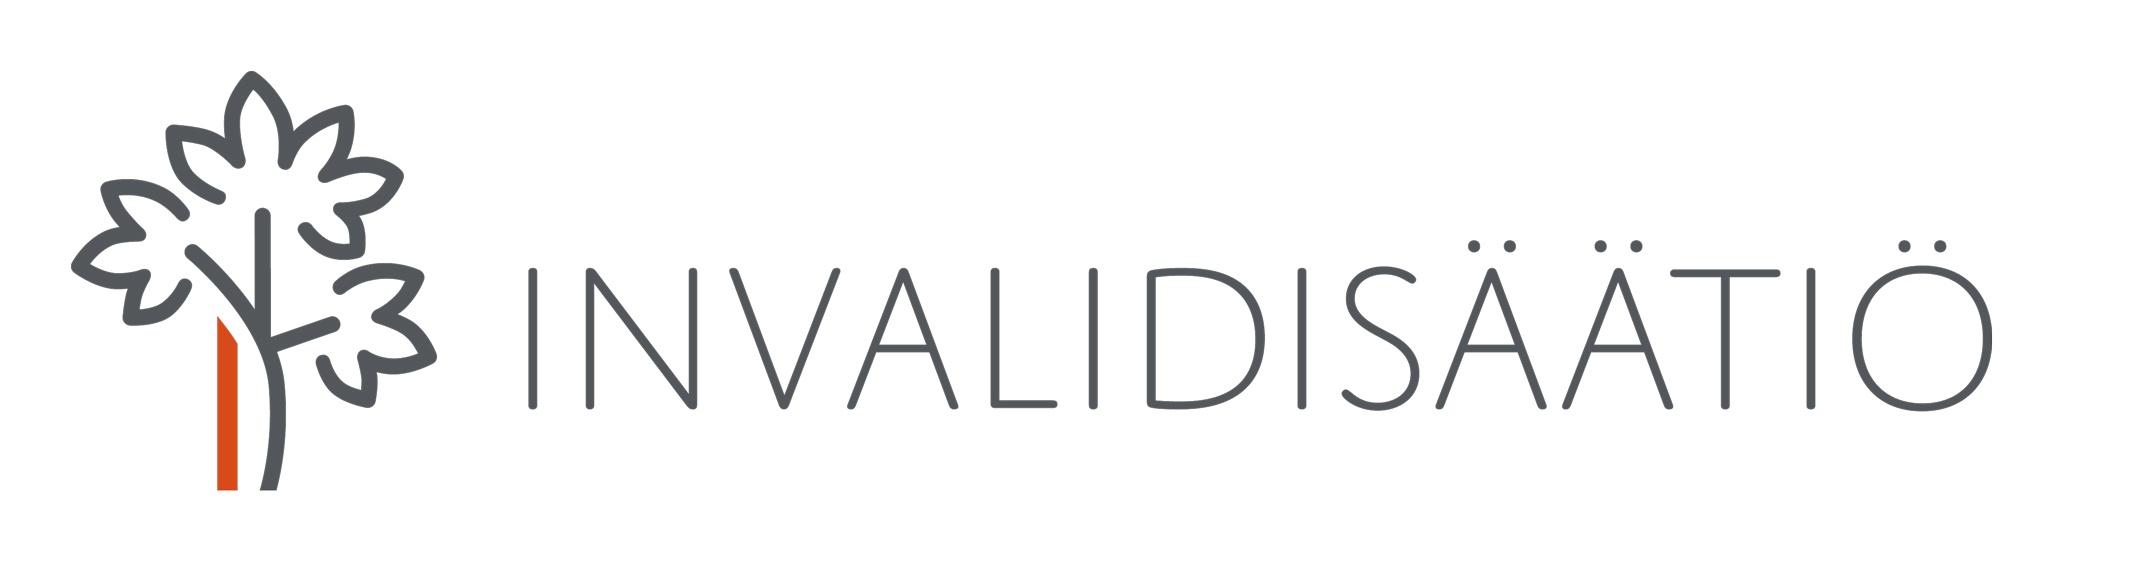 Invalidisäätiö-logo_WEB